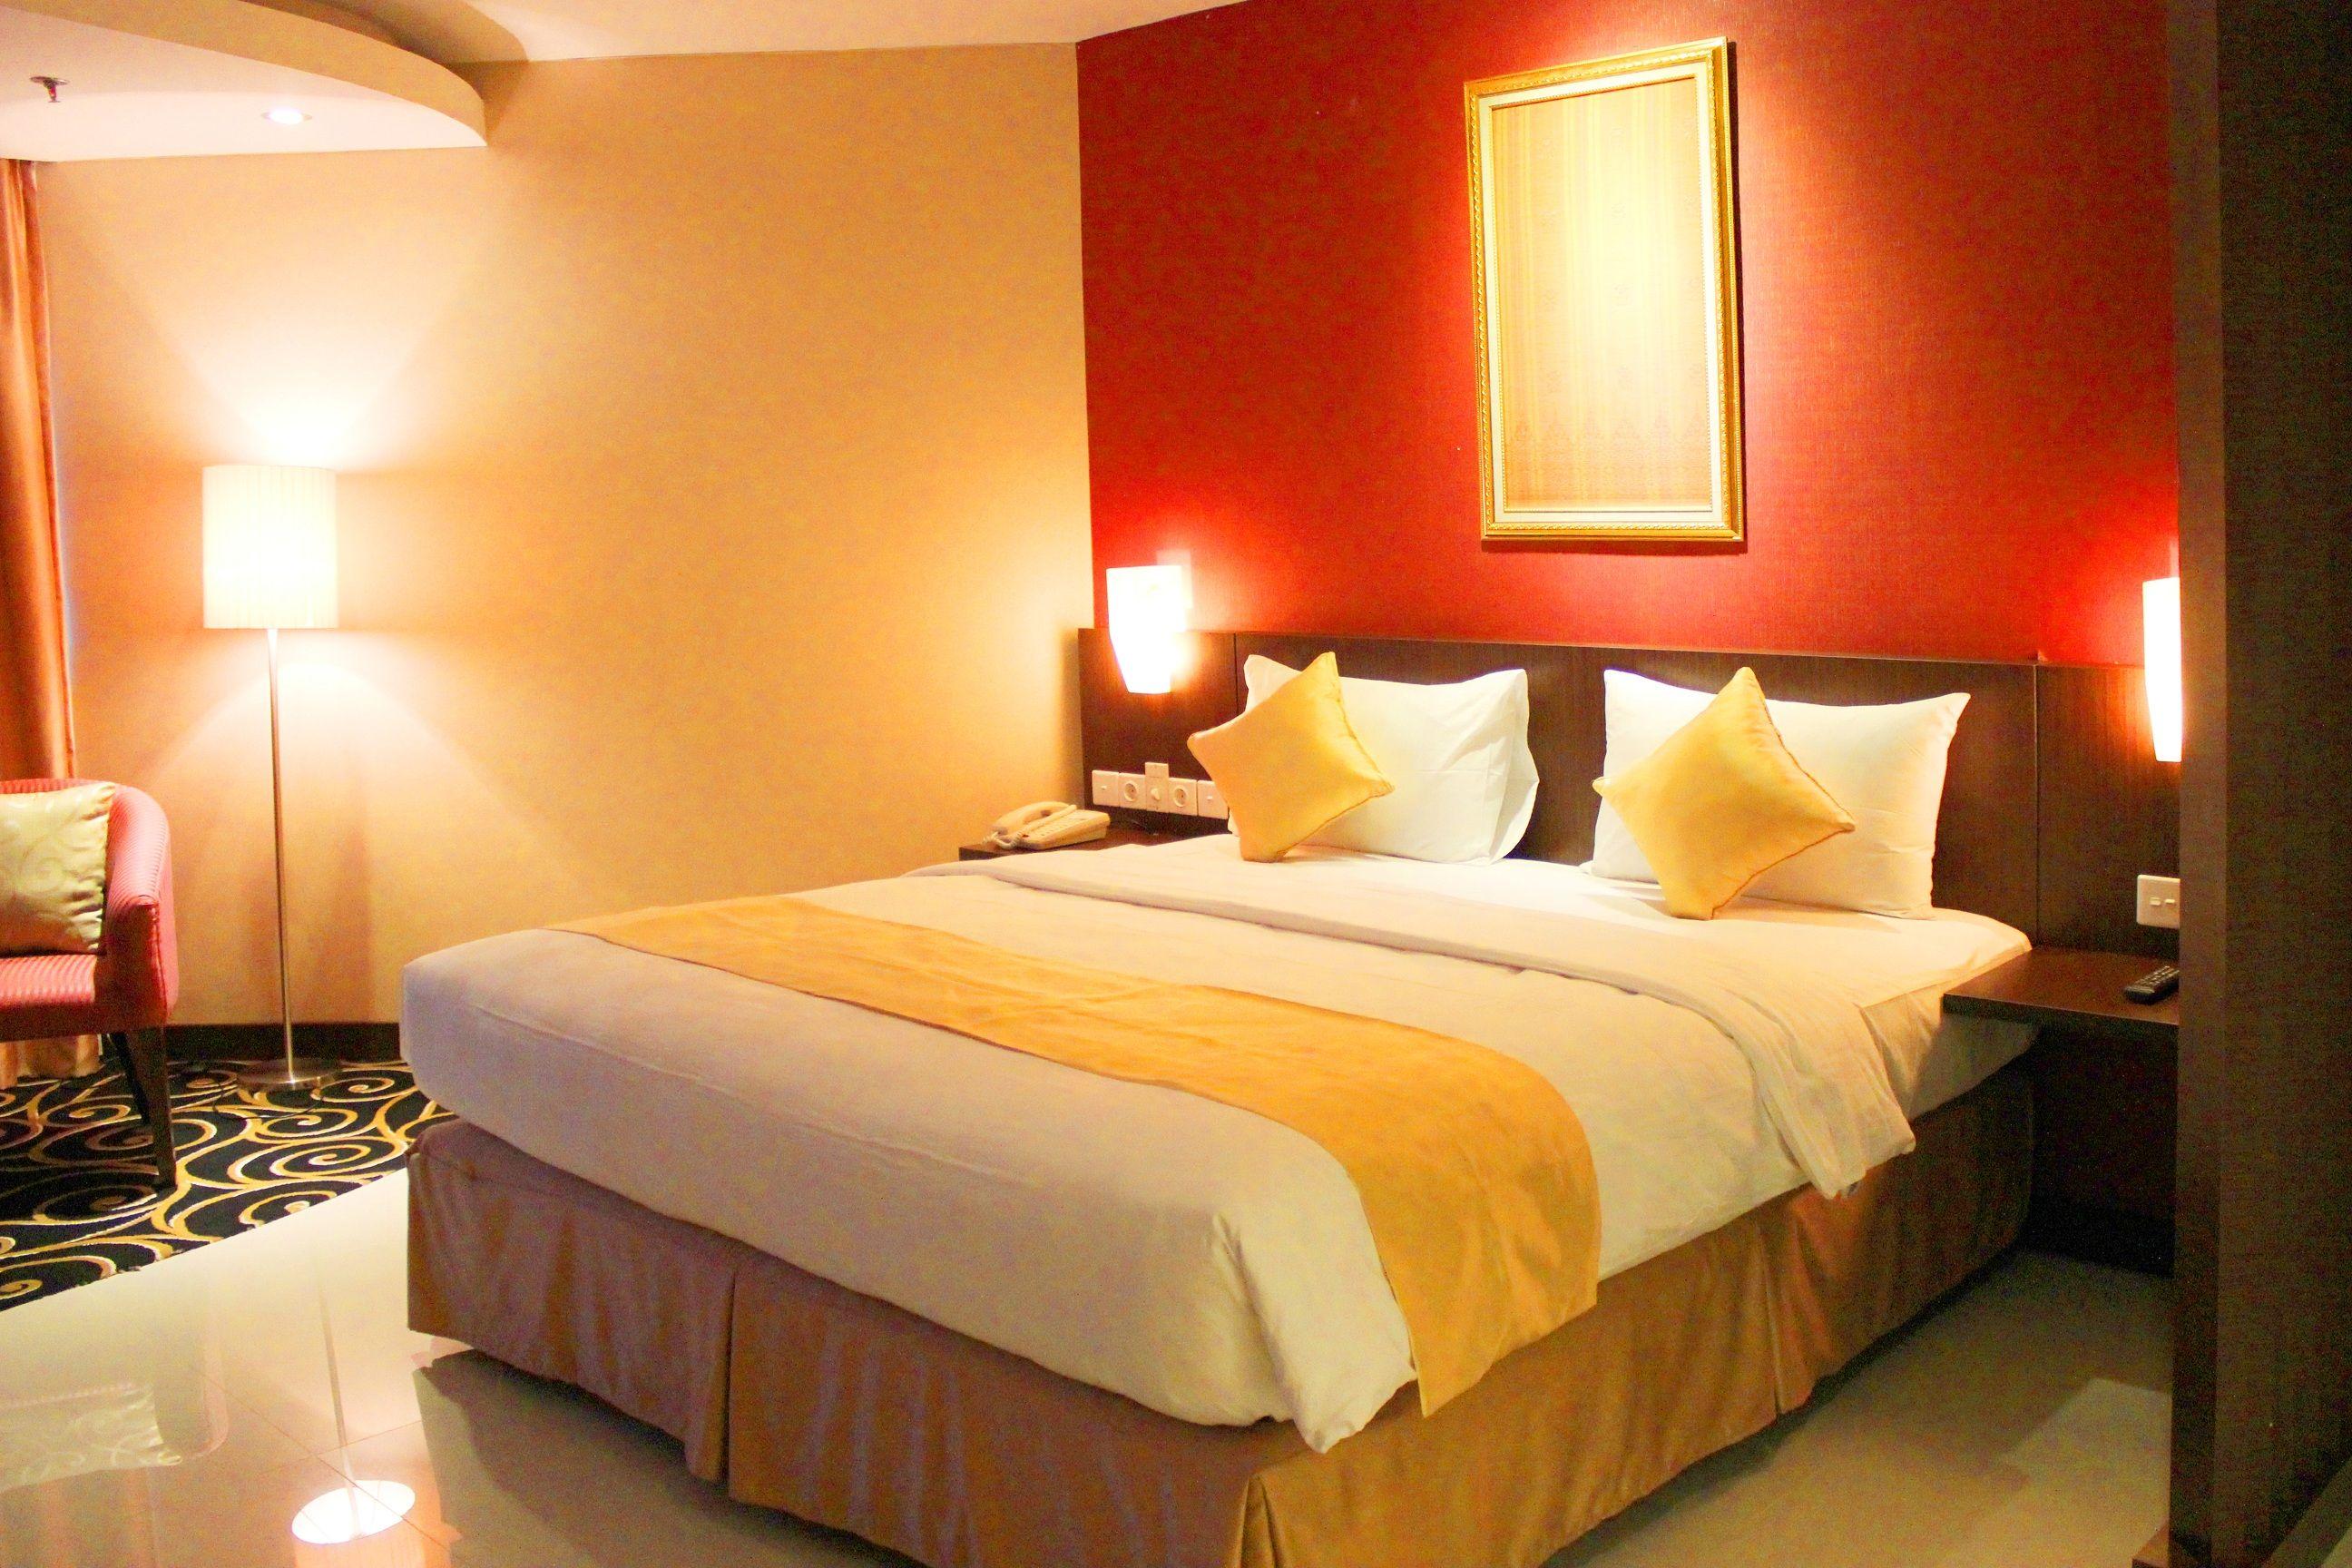 Balairung Hotel, Jakarta Pusat